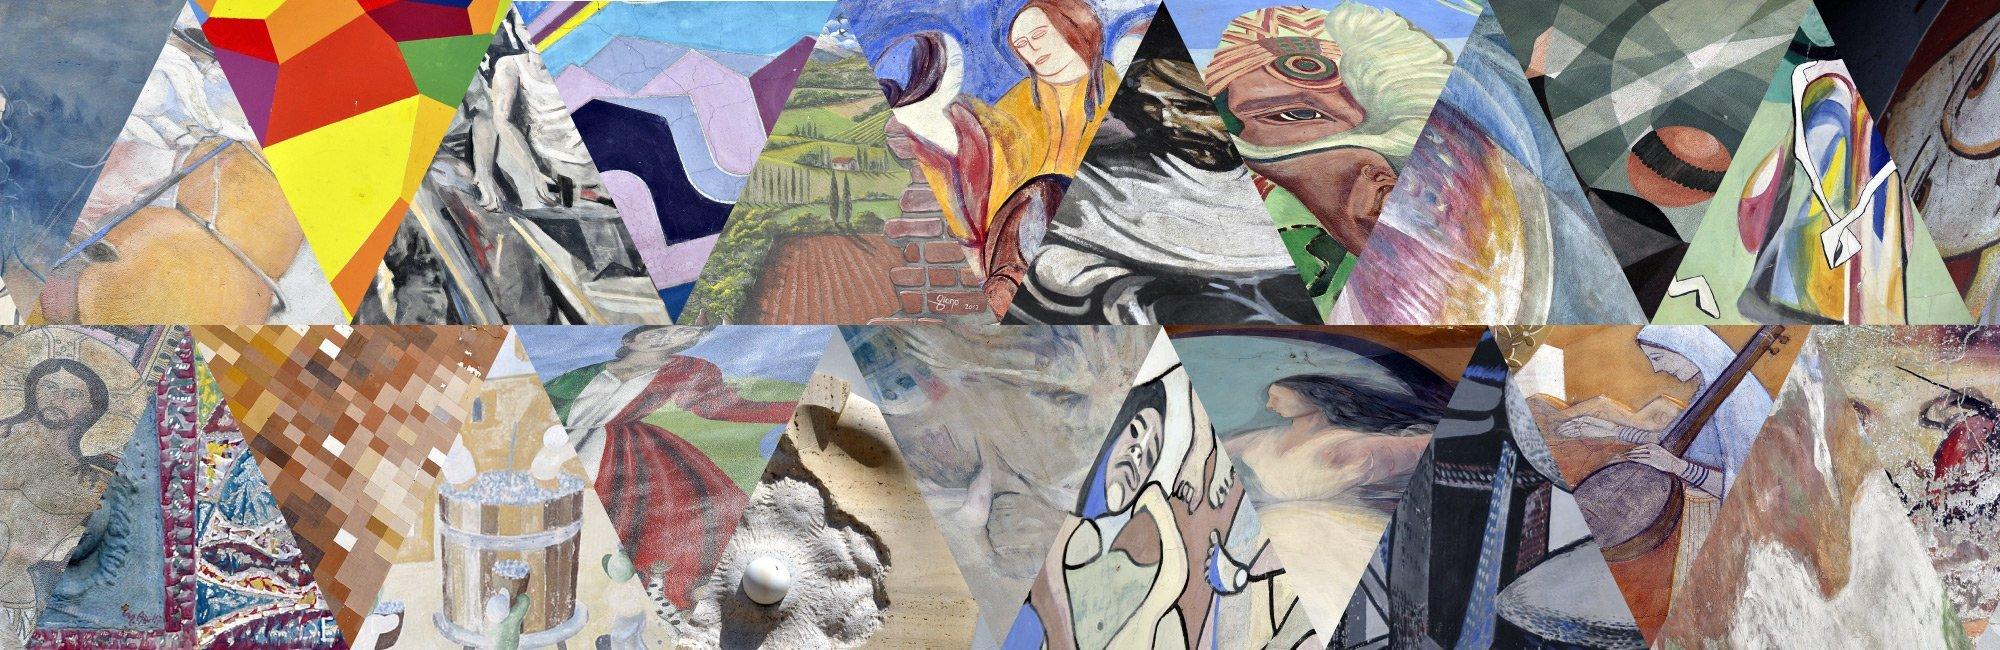 Mugnano – il paese dei muri dipinti, un luogo unico – Borghi belli dell'Umbria